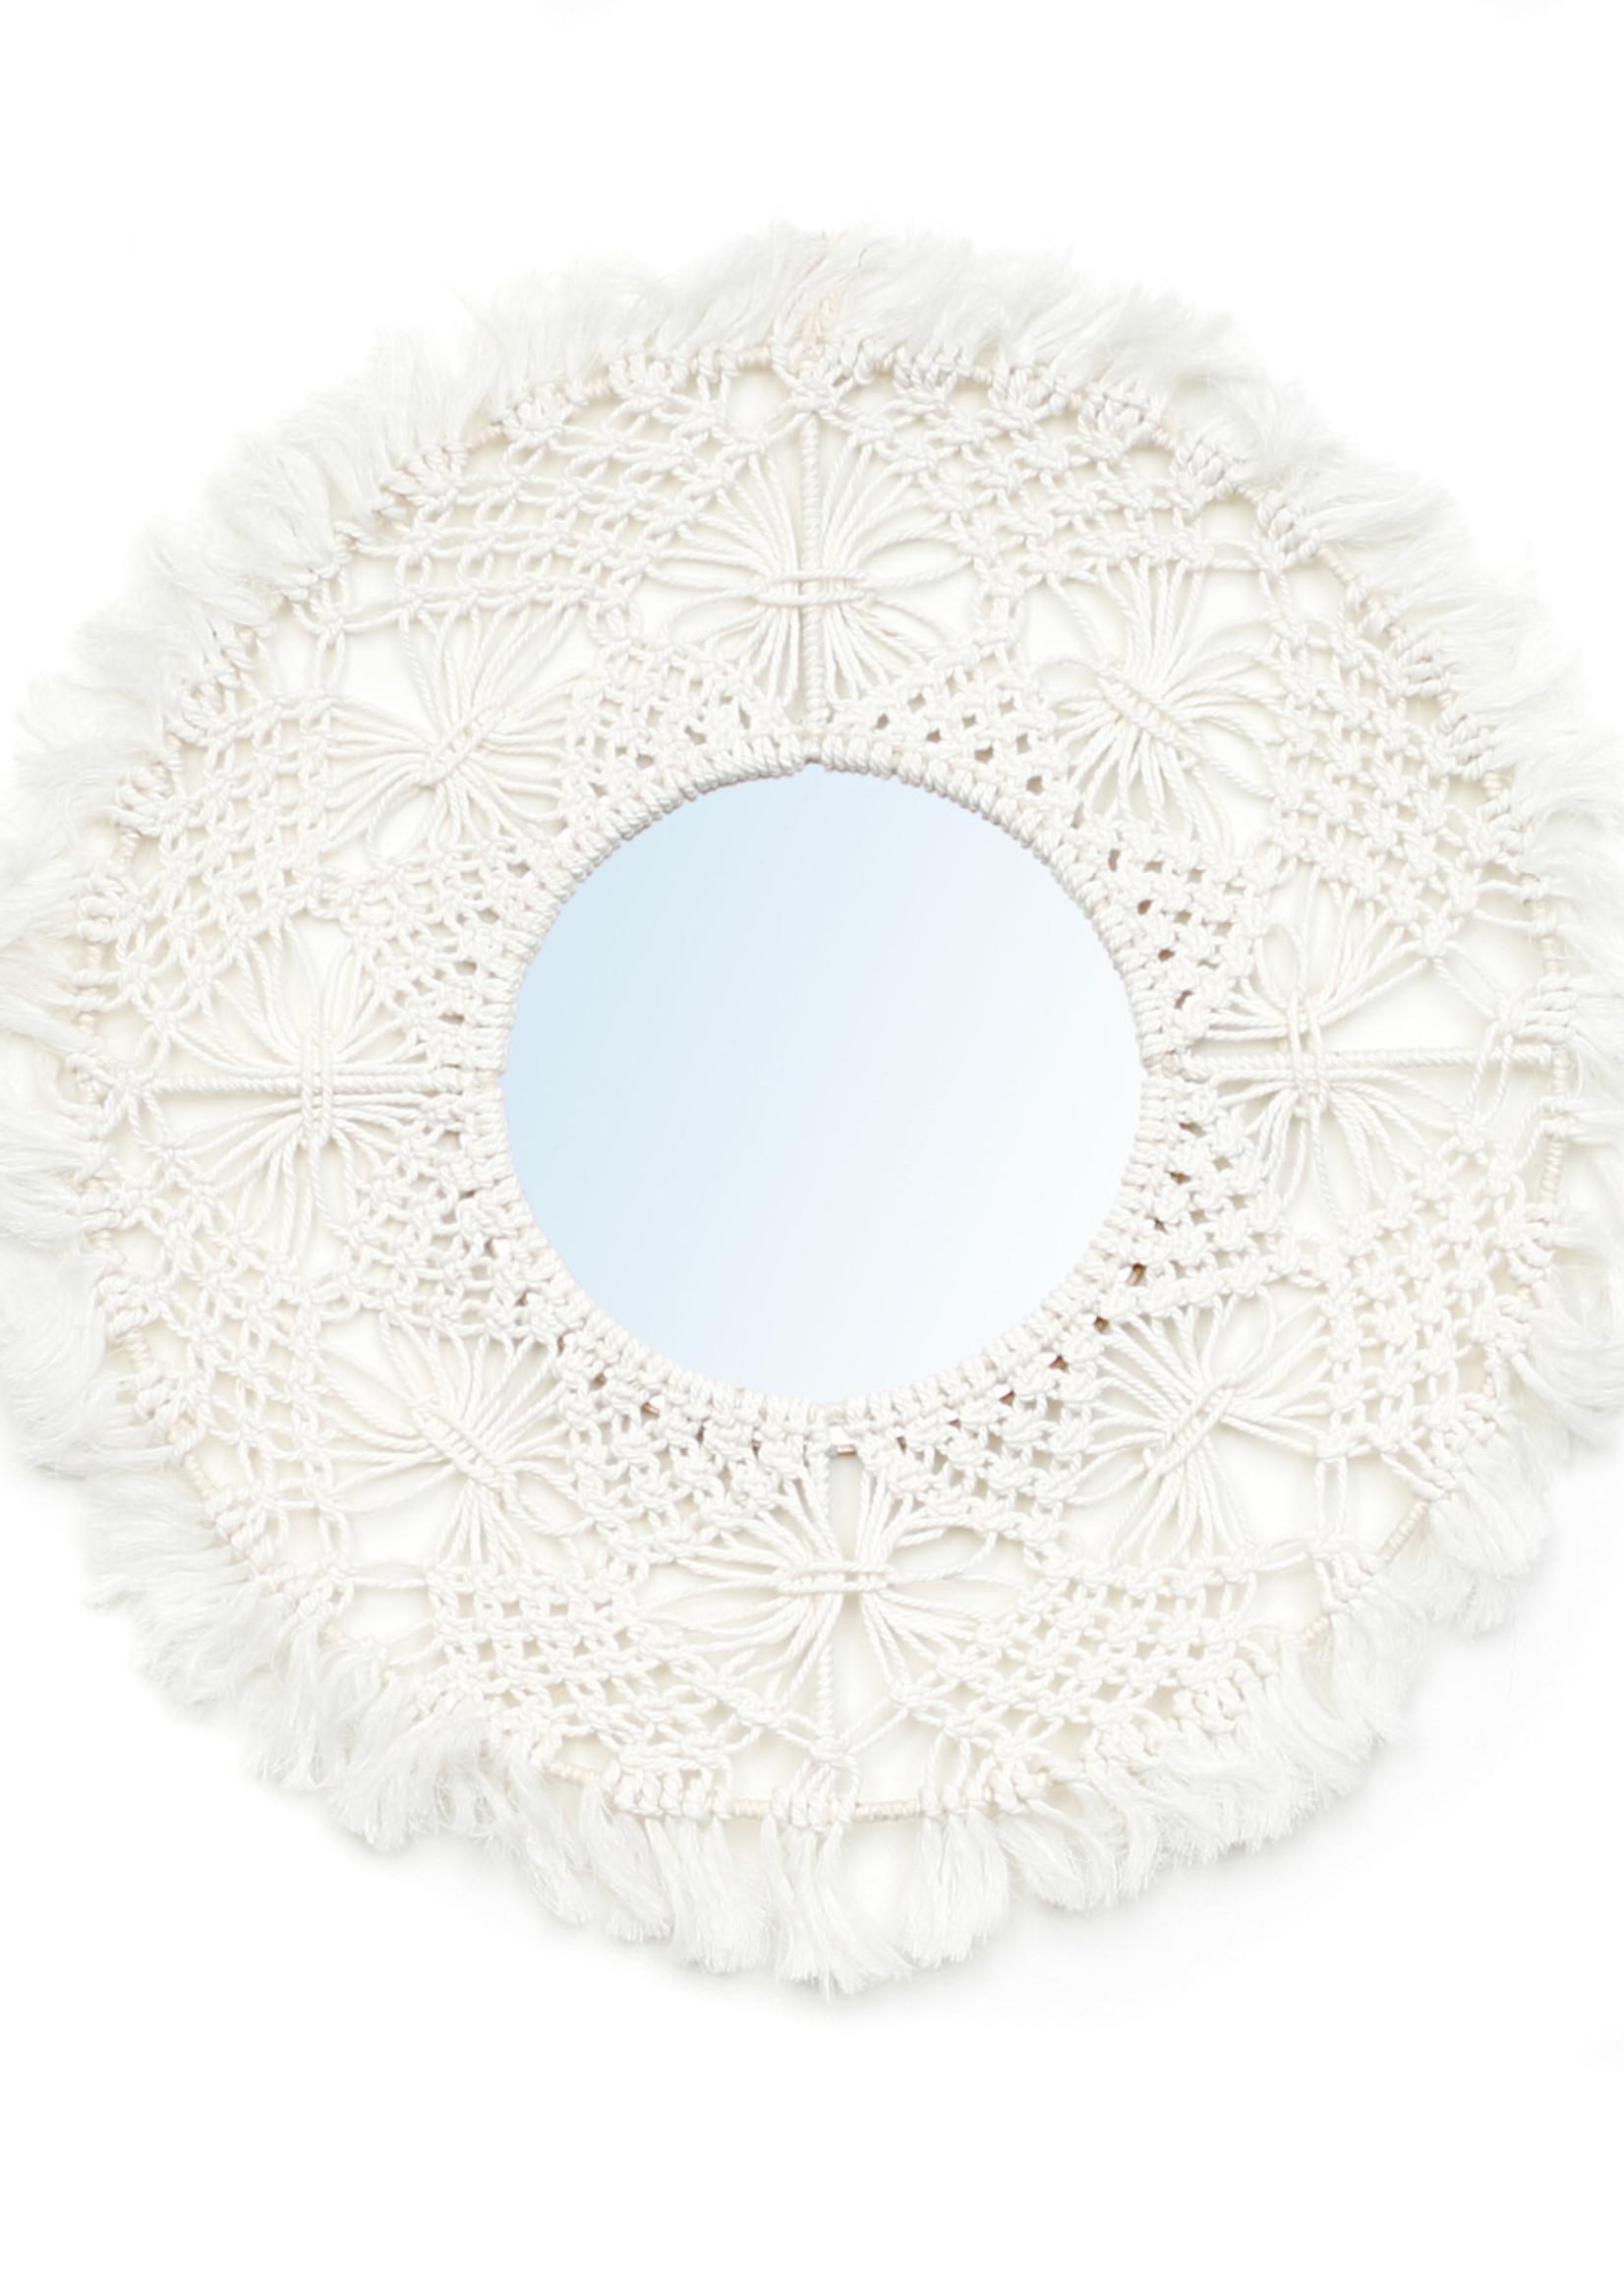 The Aruba Mirror - White - M